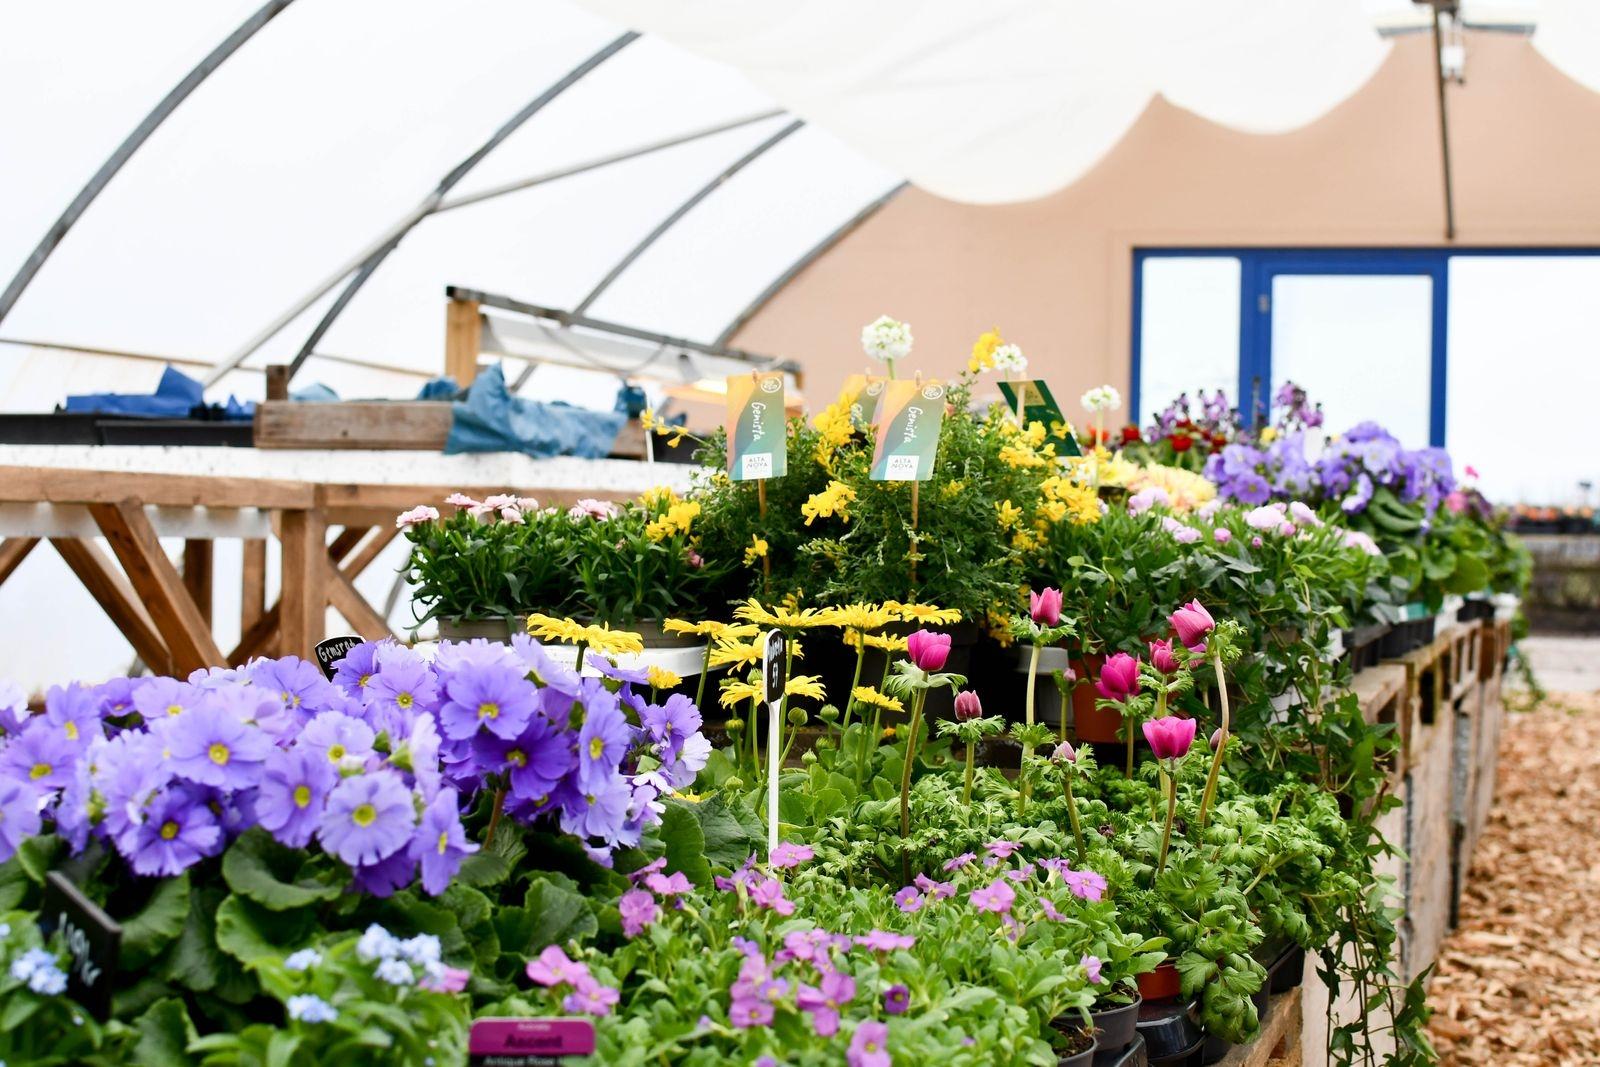 Säsongen startades med en härlig buffé av blommor för både ute och inne.